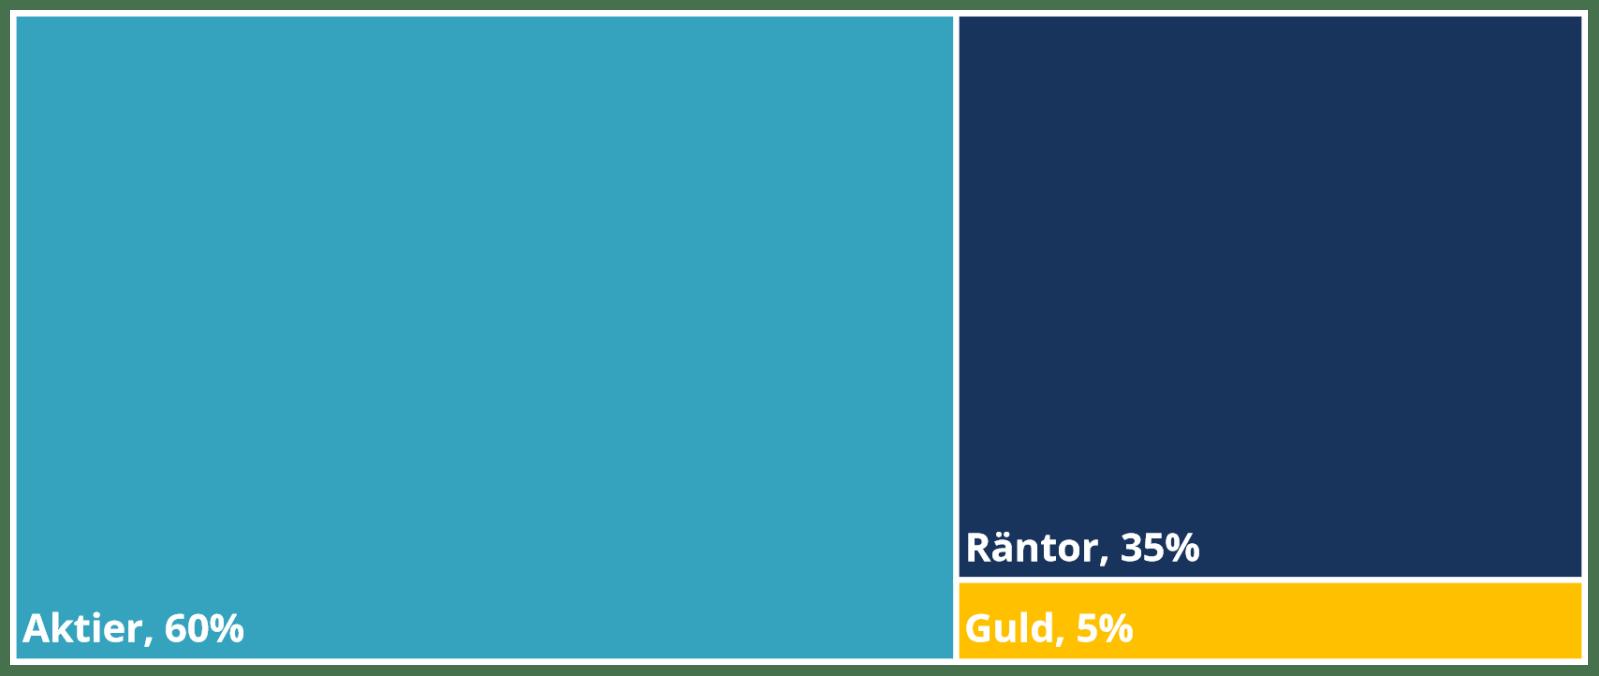 Nybörjarportföljens tillgångsfördelning. 60 % aktier, 35 % räntor och 5 % guld.